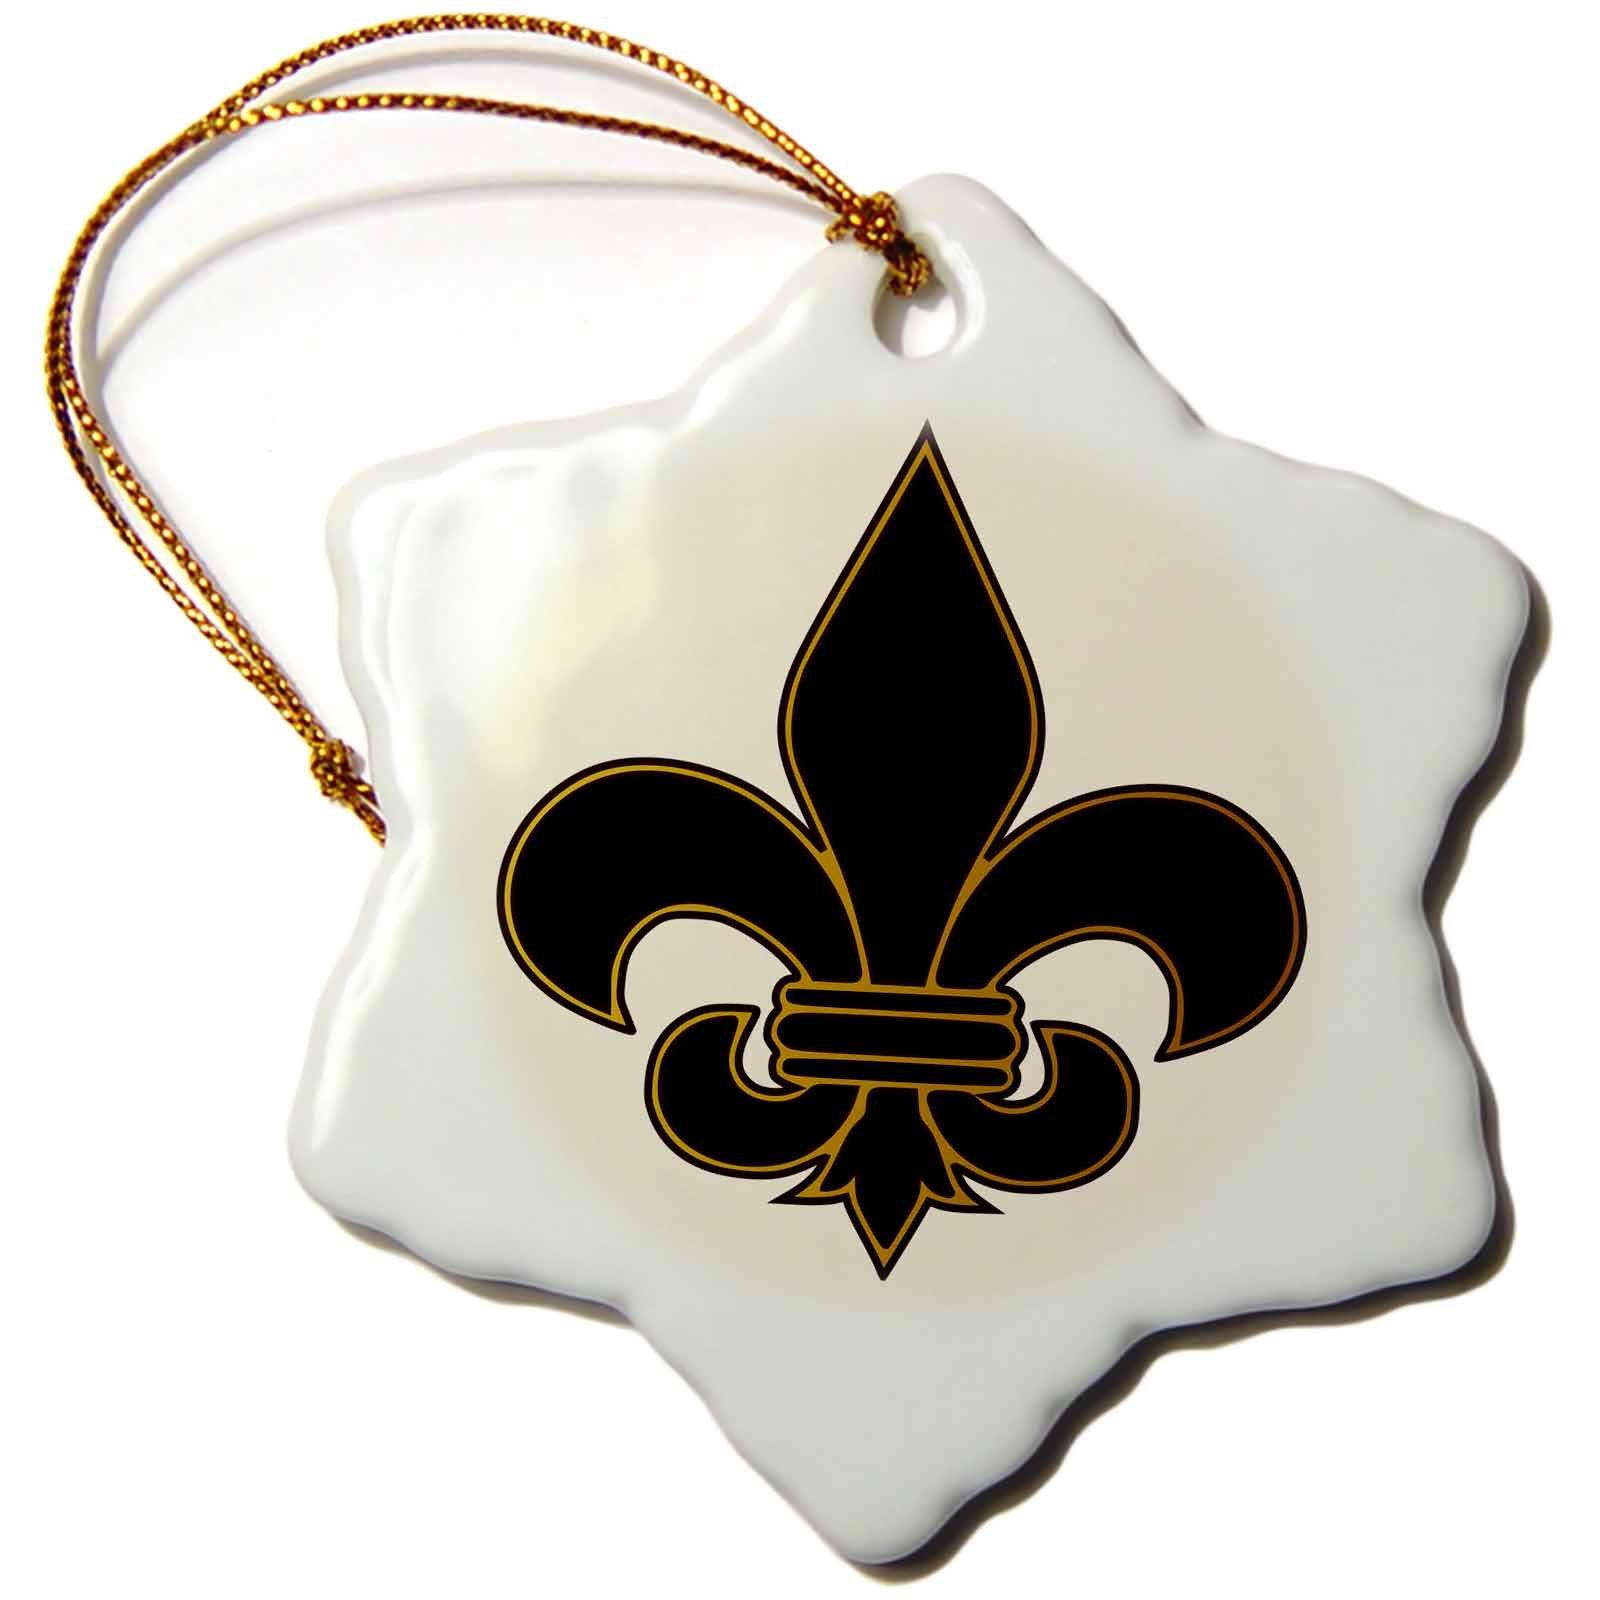 3dRose orn_22360_1 Large Black and Gold Fleur De Lis Christian Saints Symbol Porcelain Snowflake Ornament, 3-Inch